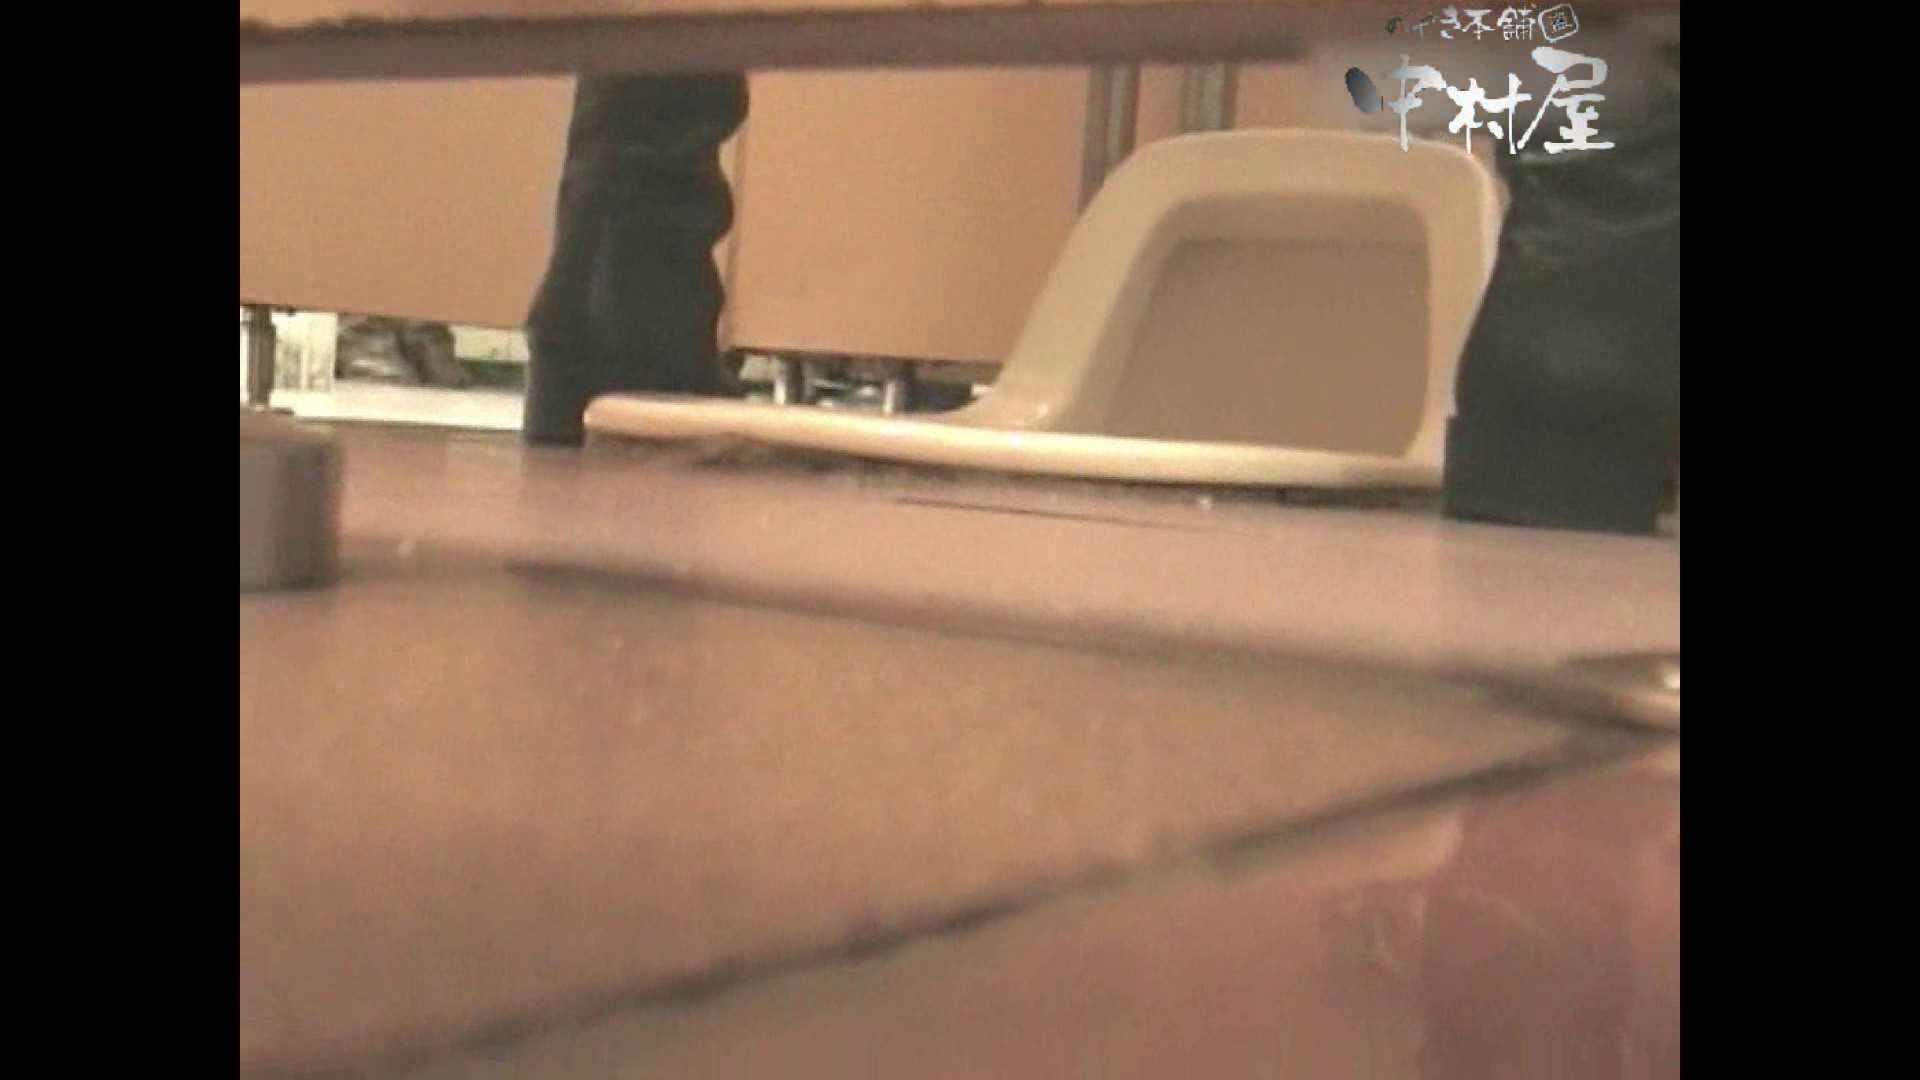 岩手県在住盗撮師盗撮記録vol.03 排泄 覗きおまんこ画像 99画像 97